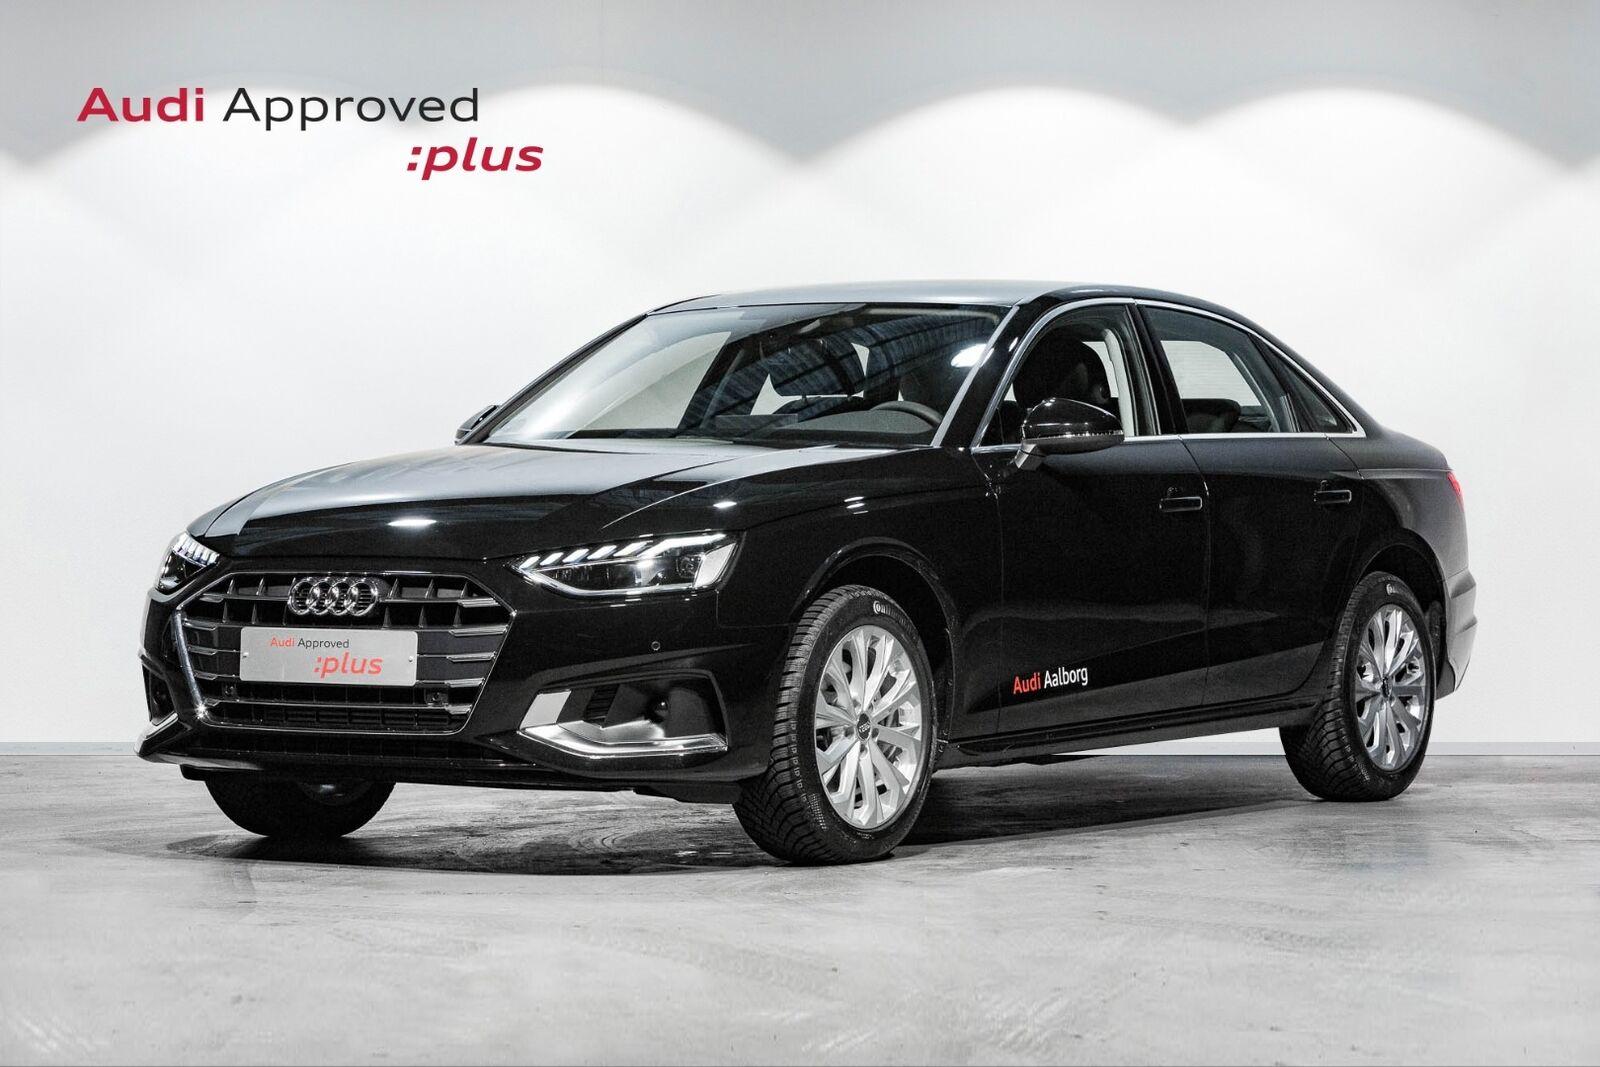 Audi A4 35 TFSi Advanced+ 4d - 374.900 kr.